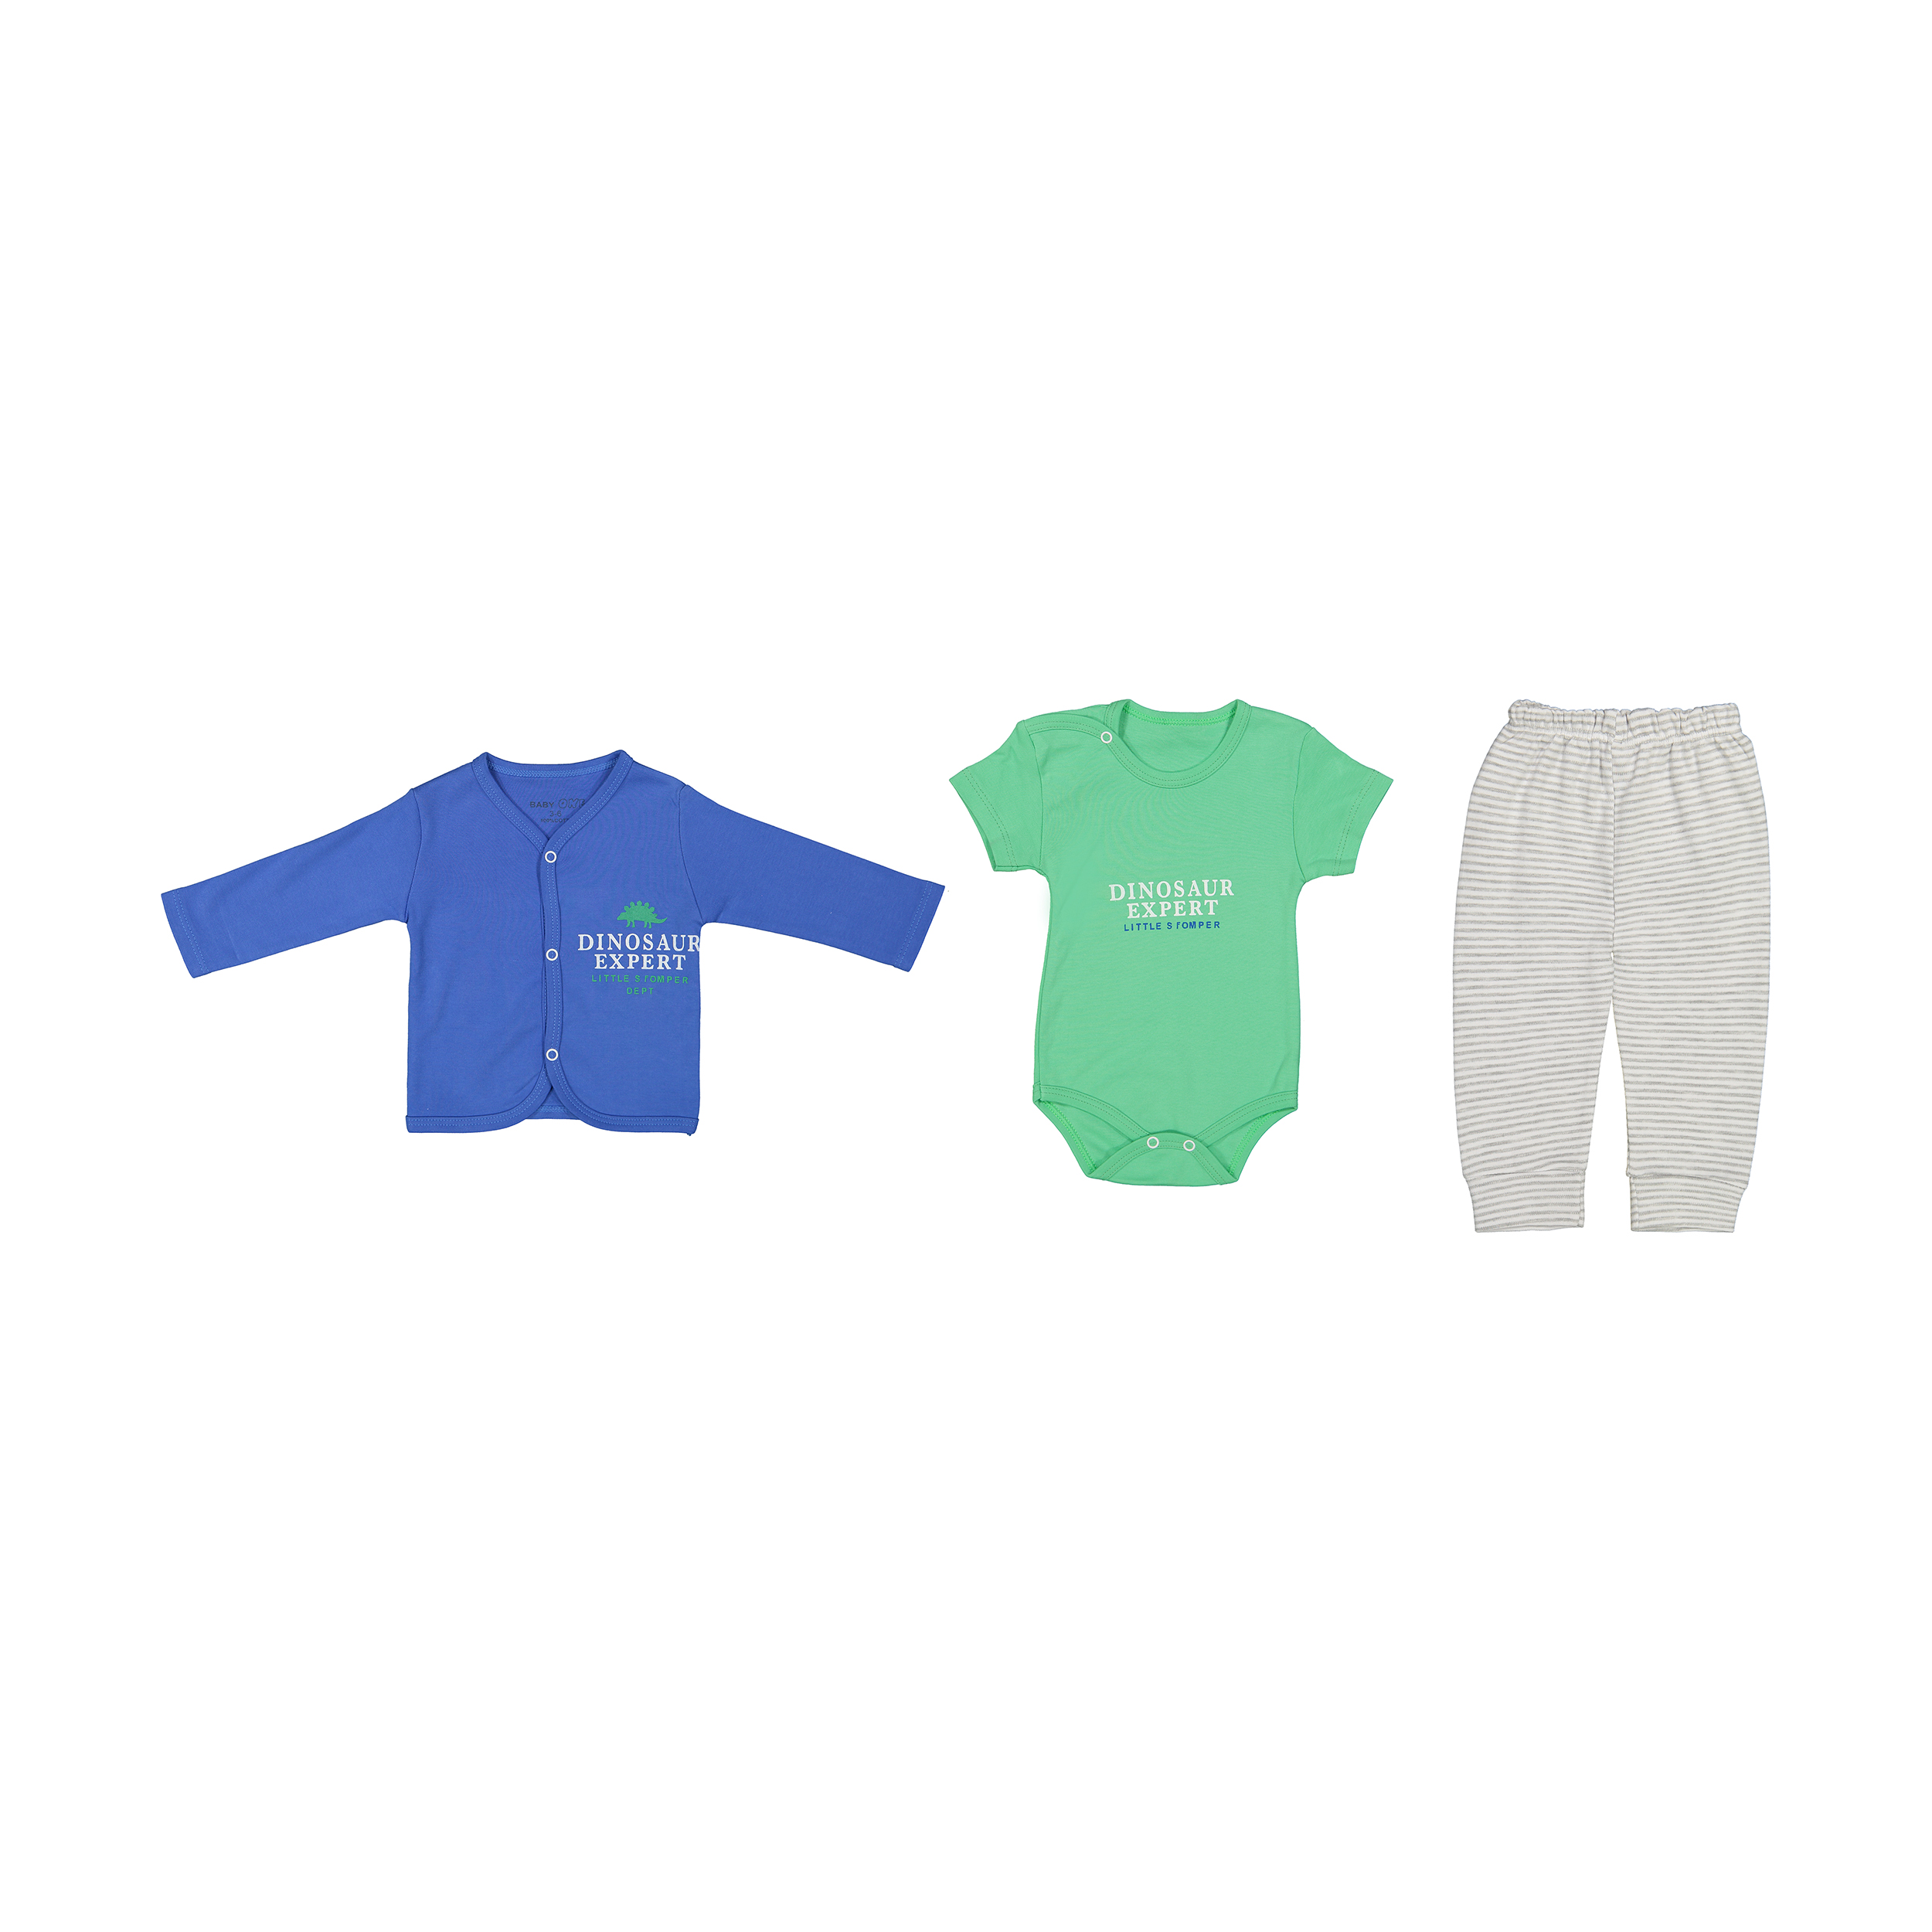 ست 3 تکه لباس نوزادی بی بی وان مدل دایناسور کد 468